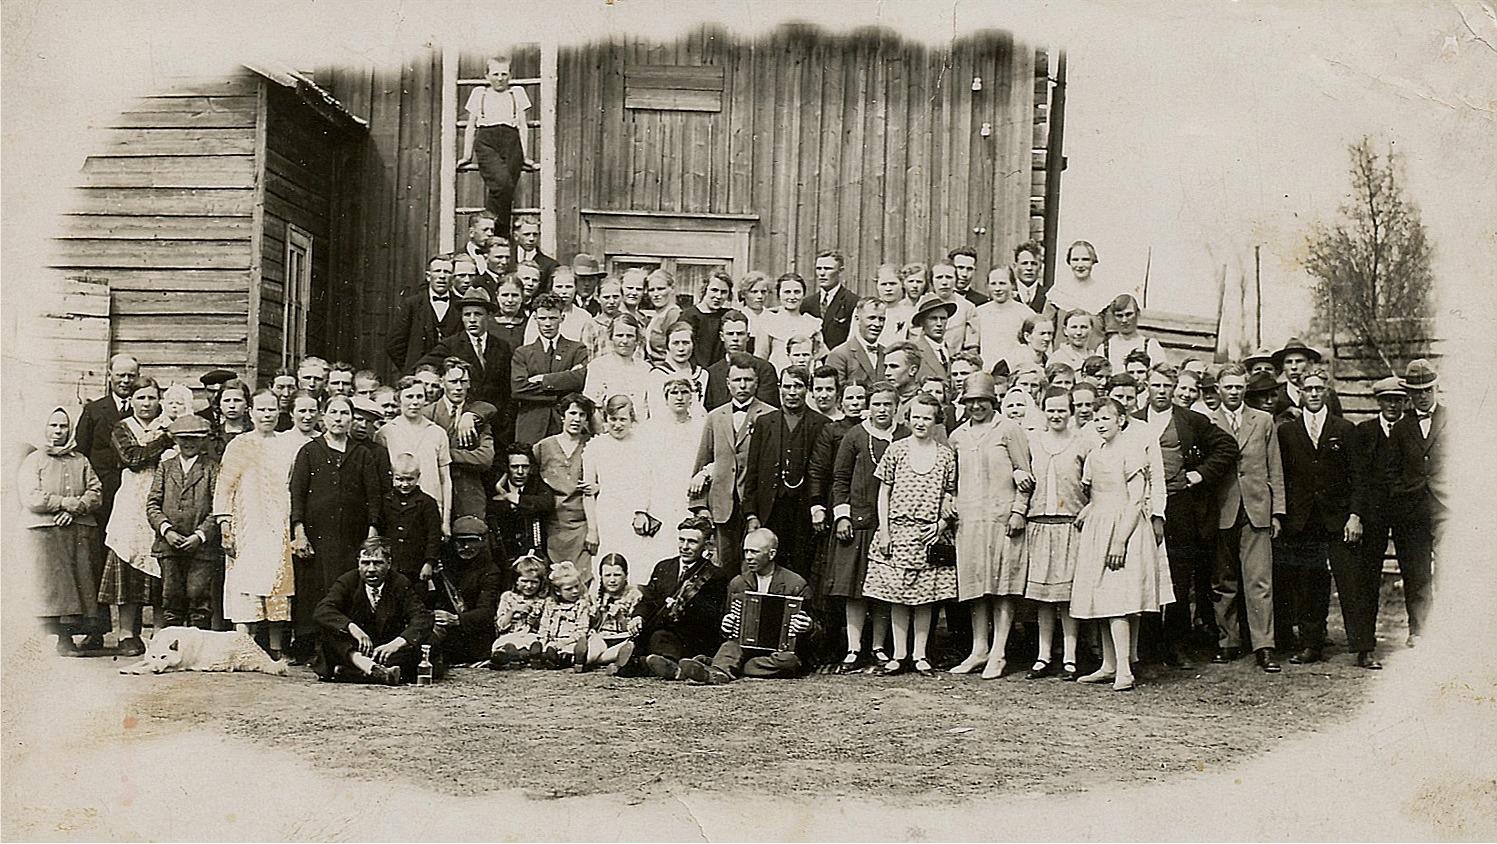 Det här fotot togs 1928 då Eero och Elna gifte i Kårk-Erk-Jåhanas gård i Palon. Kolla speciellt hur bra fotografen har lyckats fånga alla bröllopsgästerna på bild, till och med hunden nere till vänster har slagit sig till ro i väntan på fotografens knäpp.